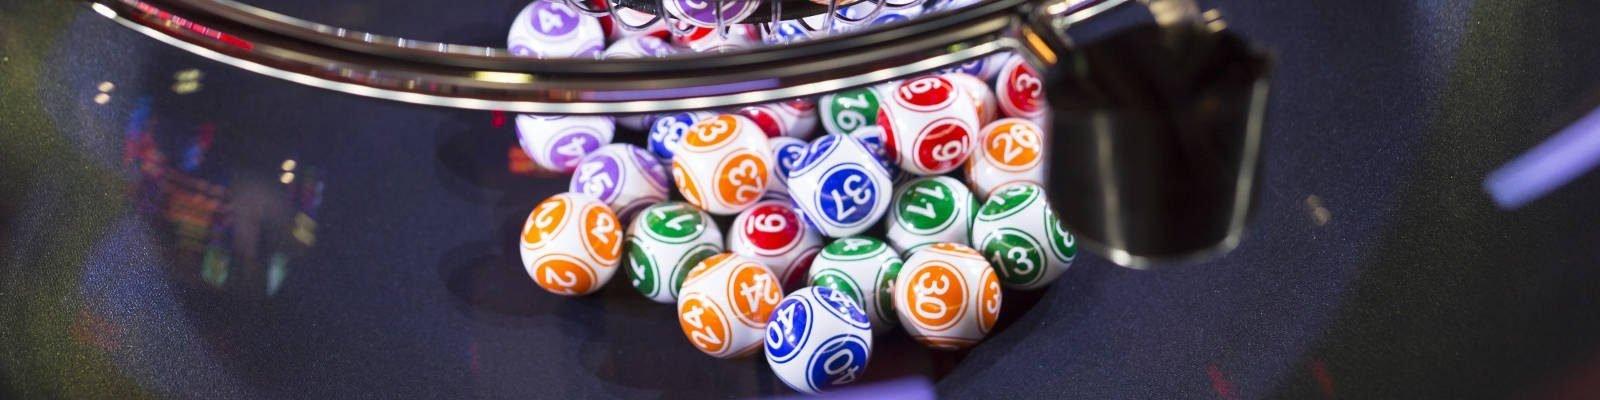 Bingo casino online & bingo spel